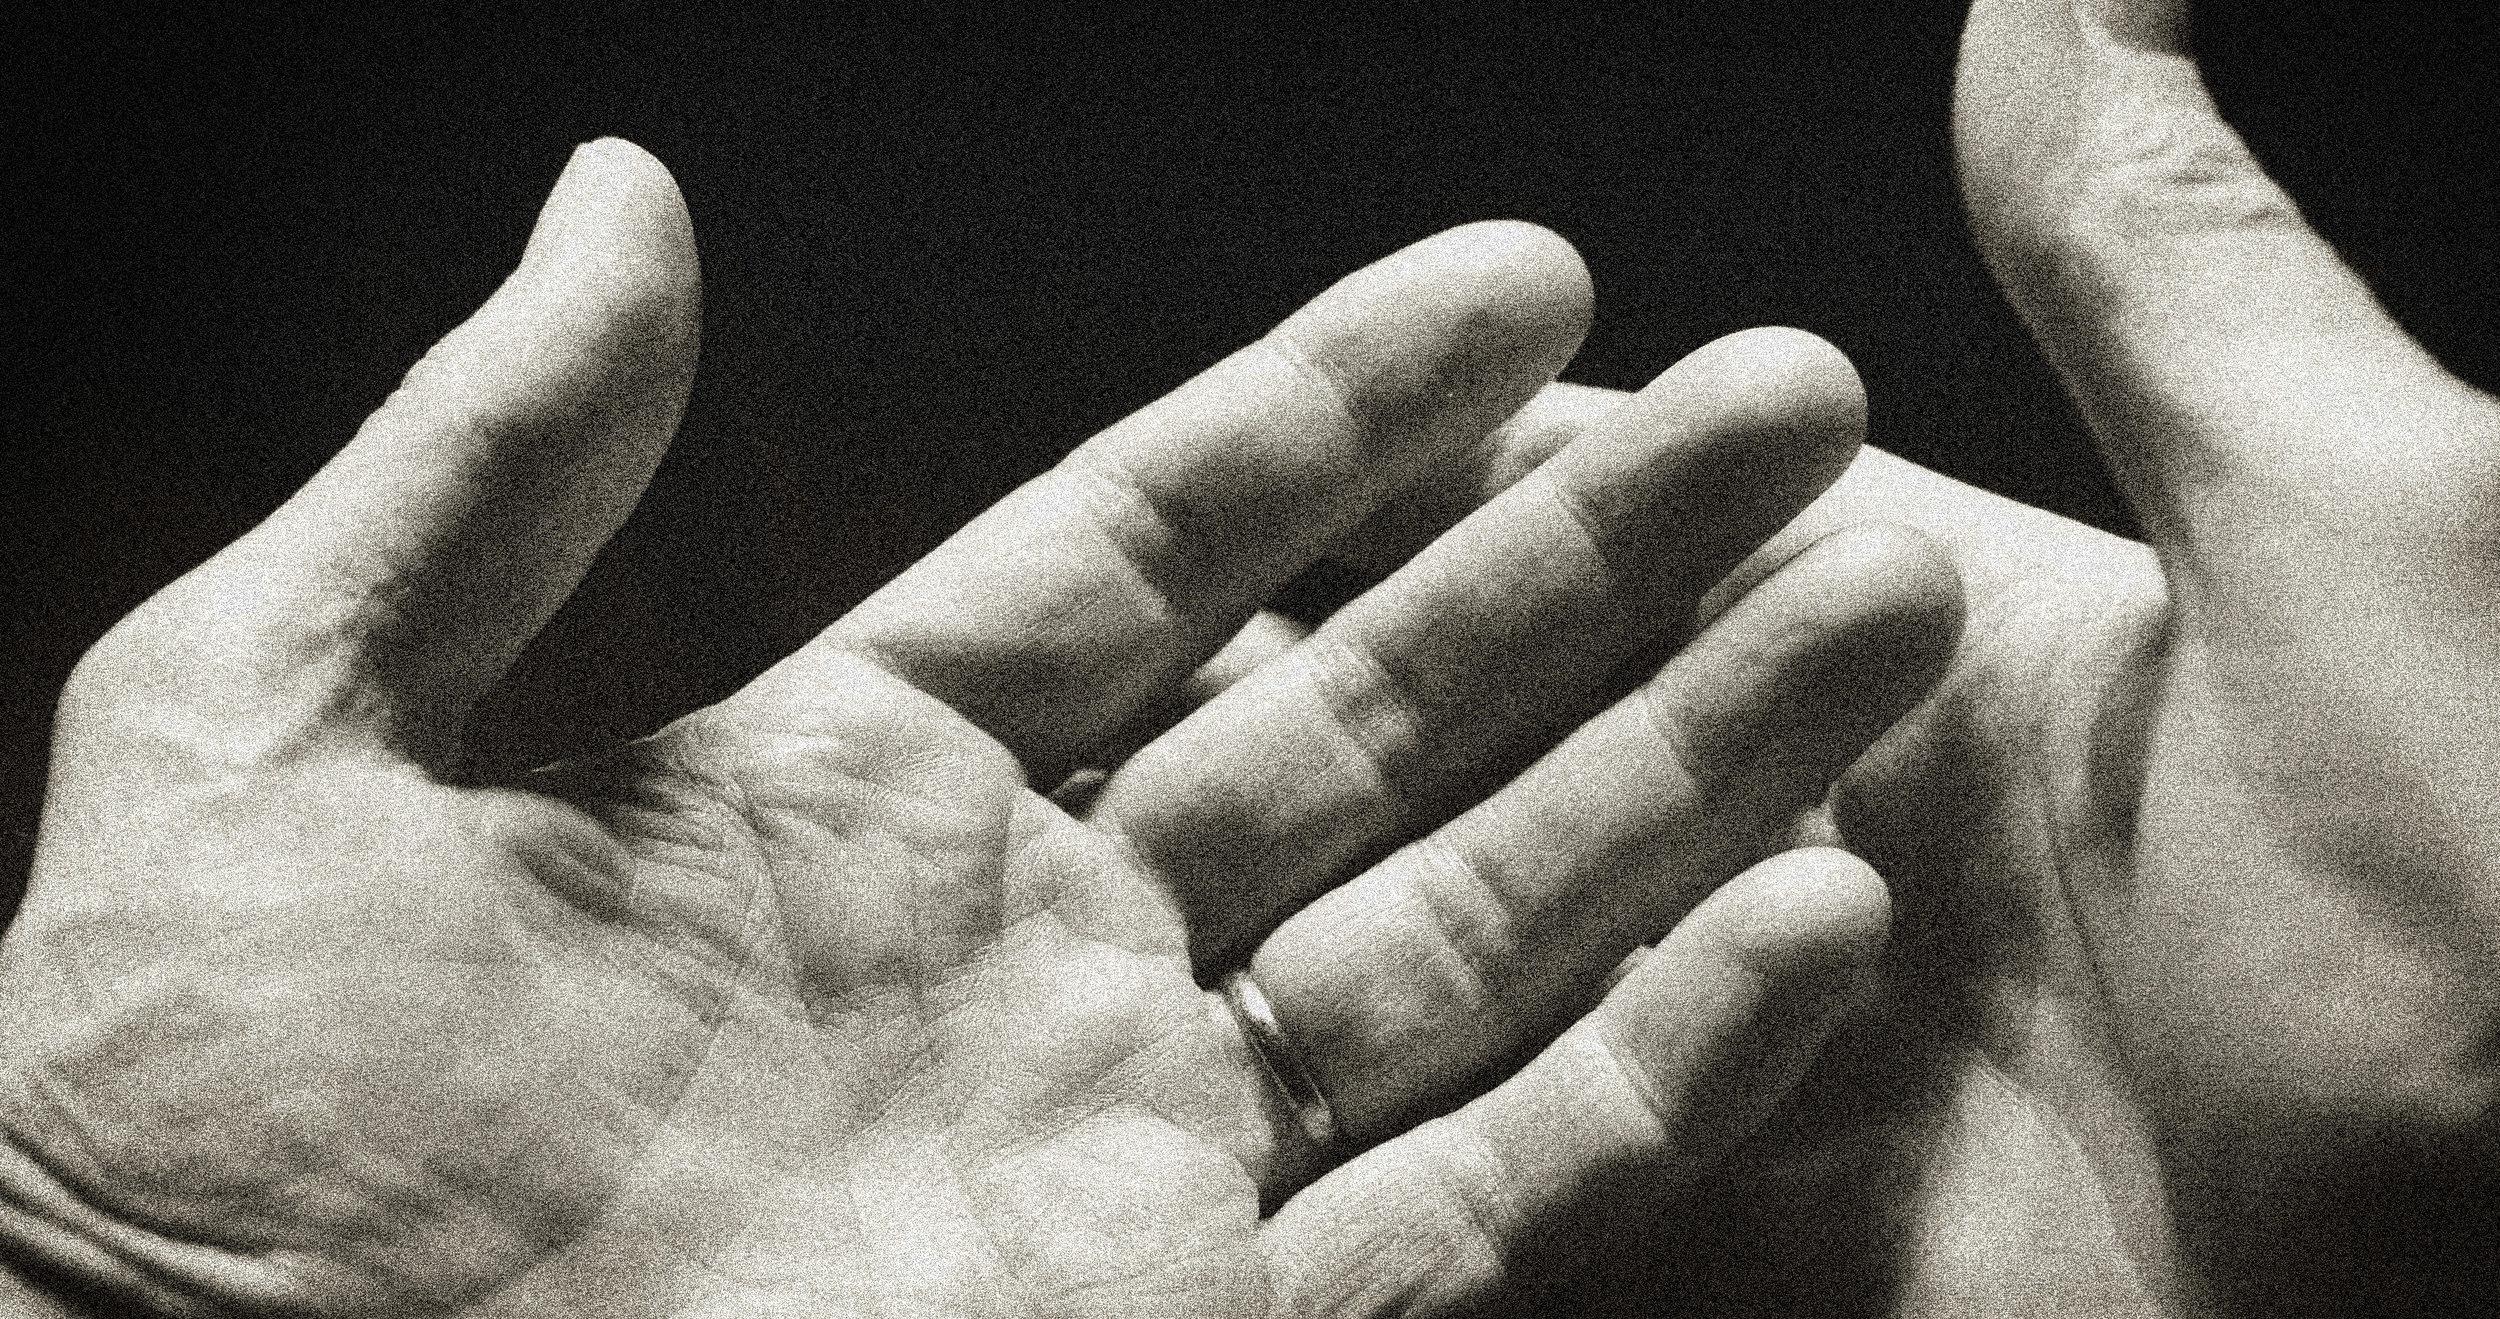 My hands: Nikon D3s